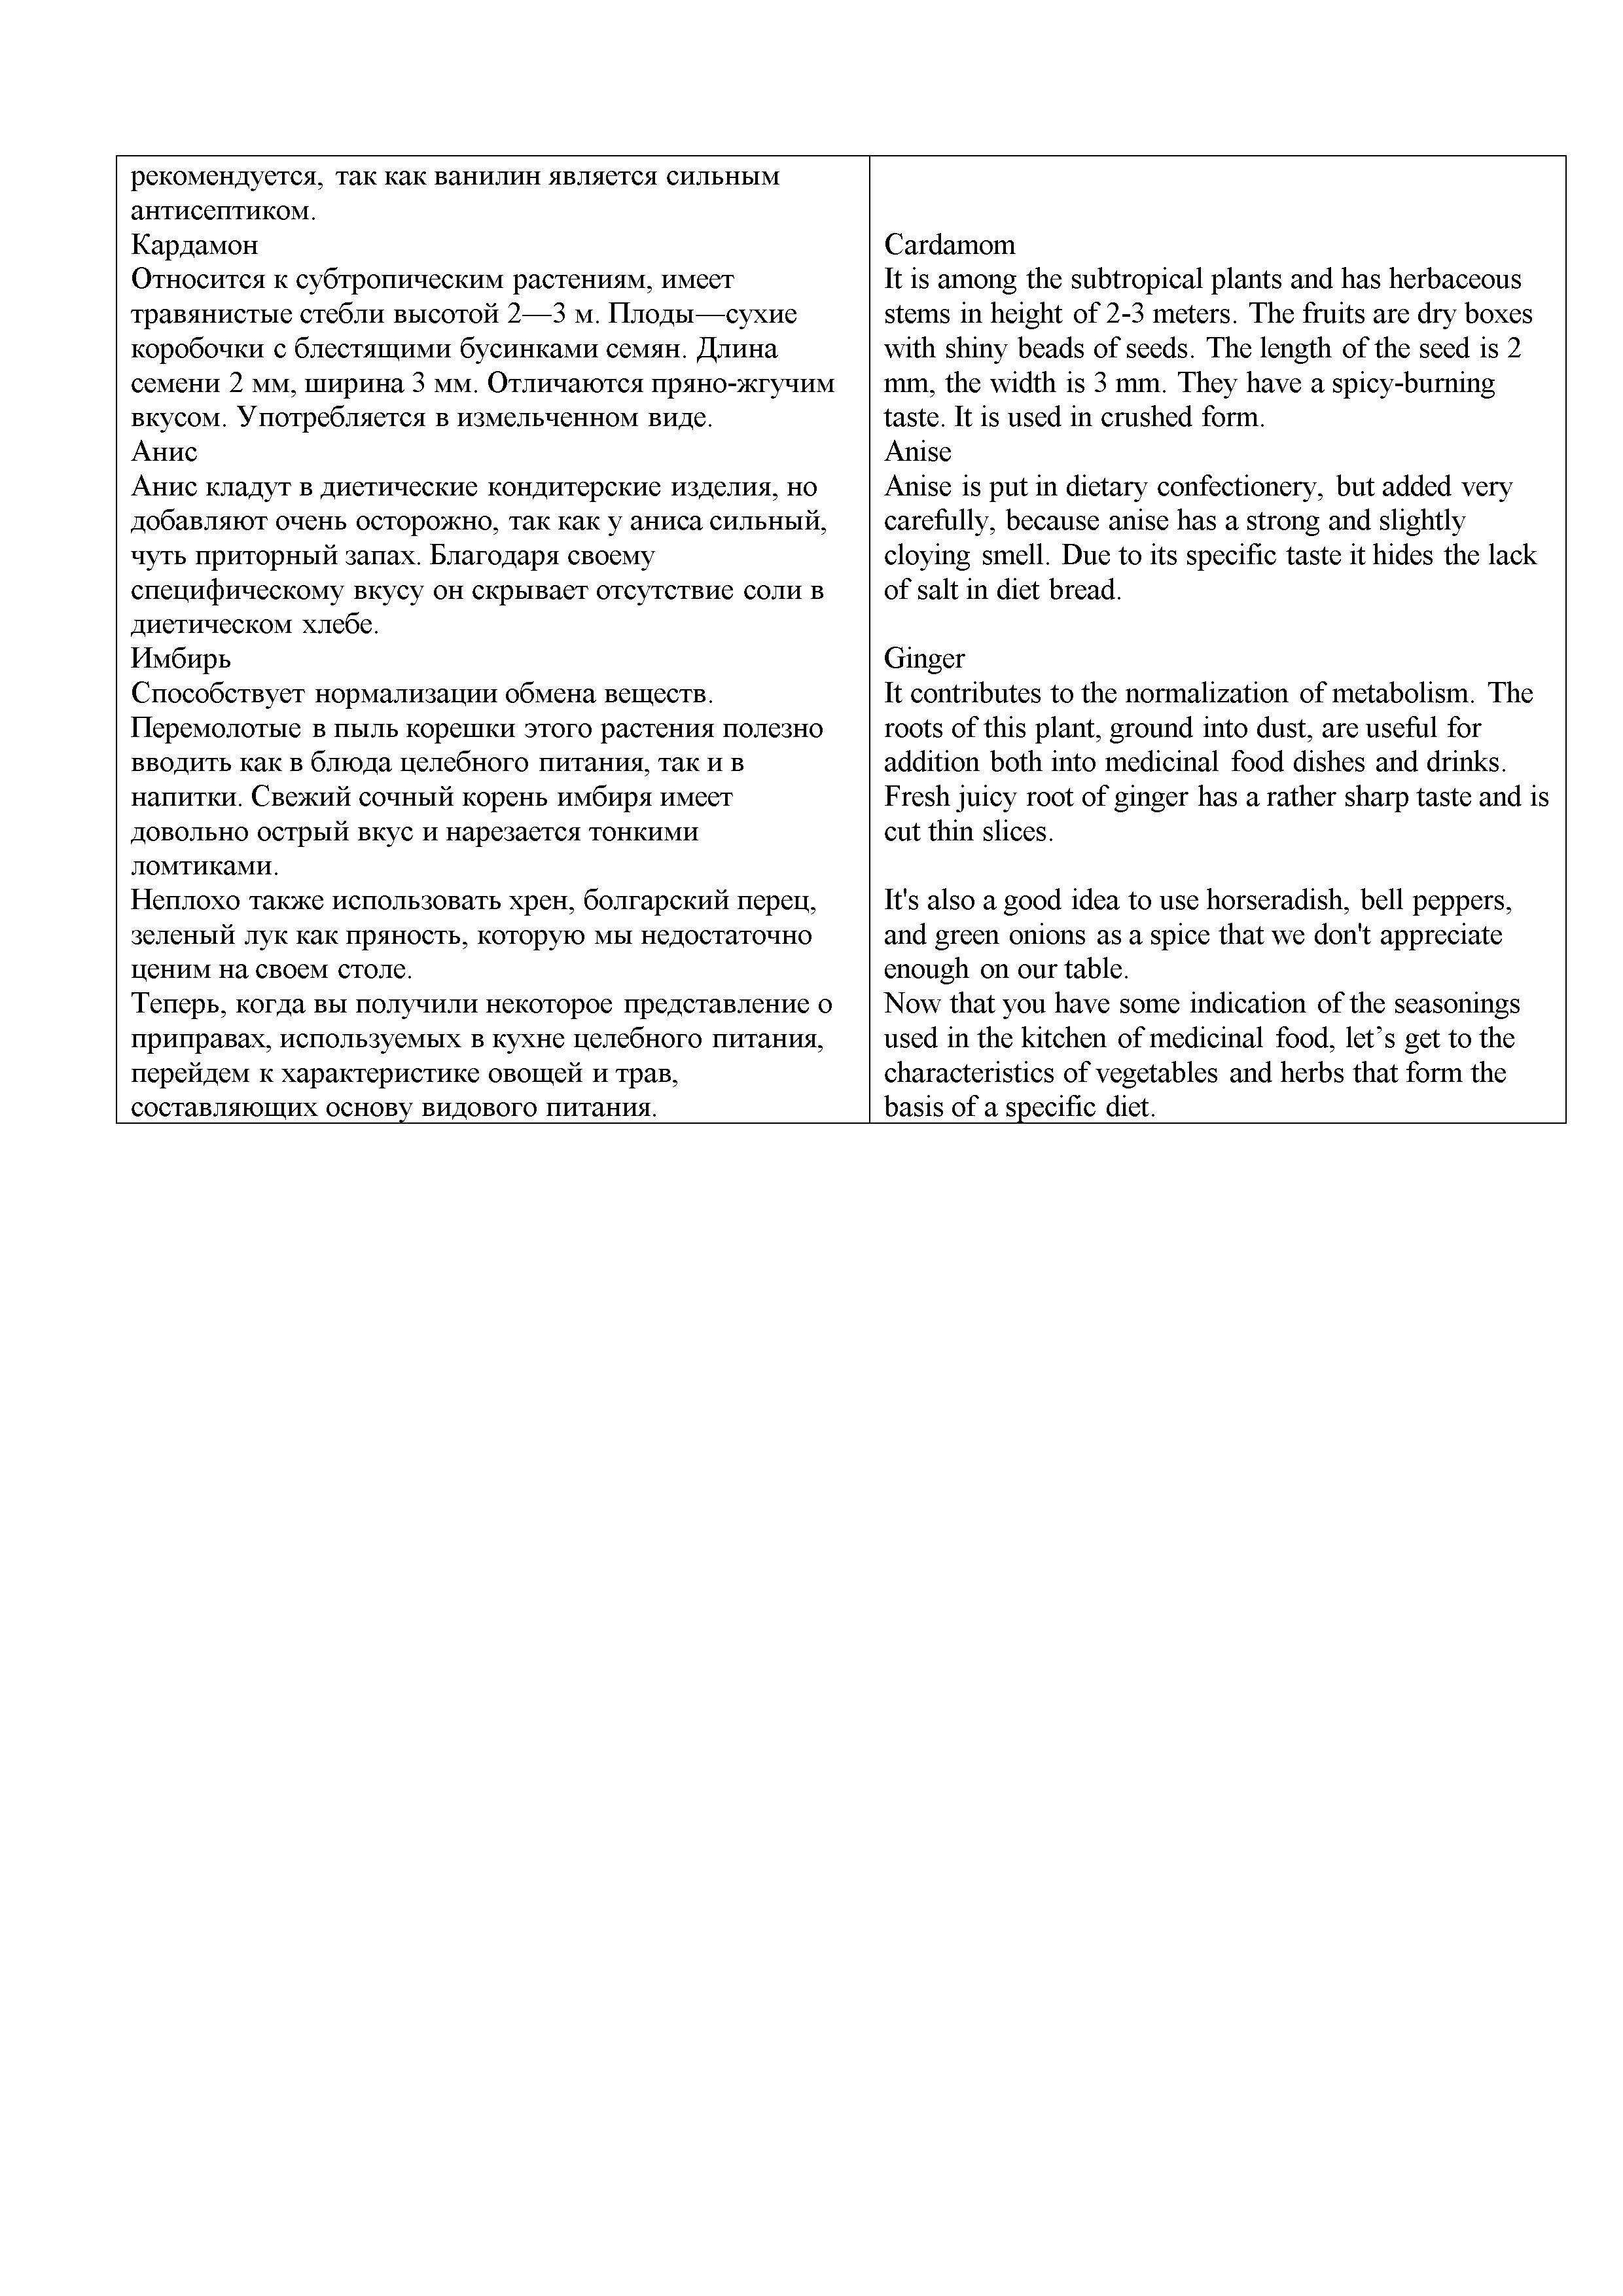 Перевод книги о правильном питании и здоровом образе жизни RUS-ENG